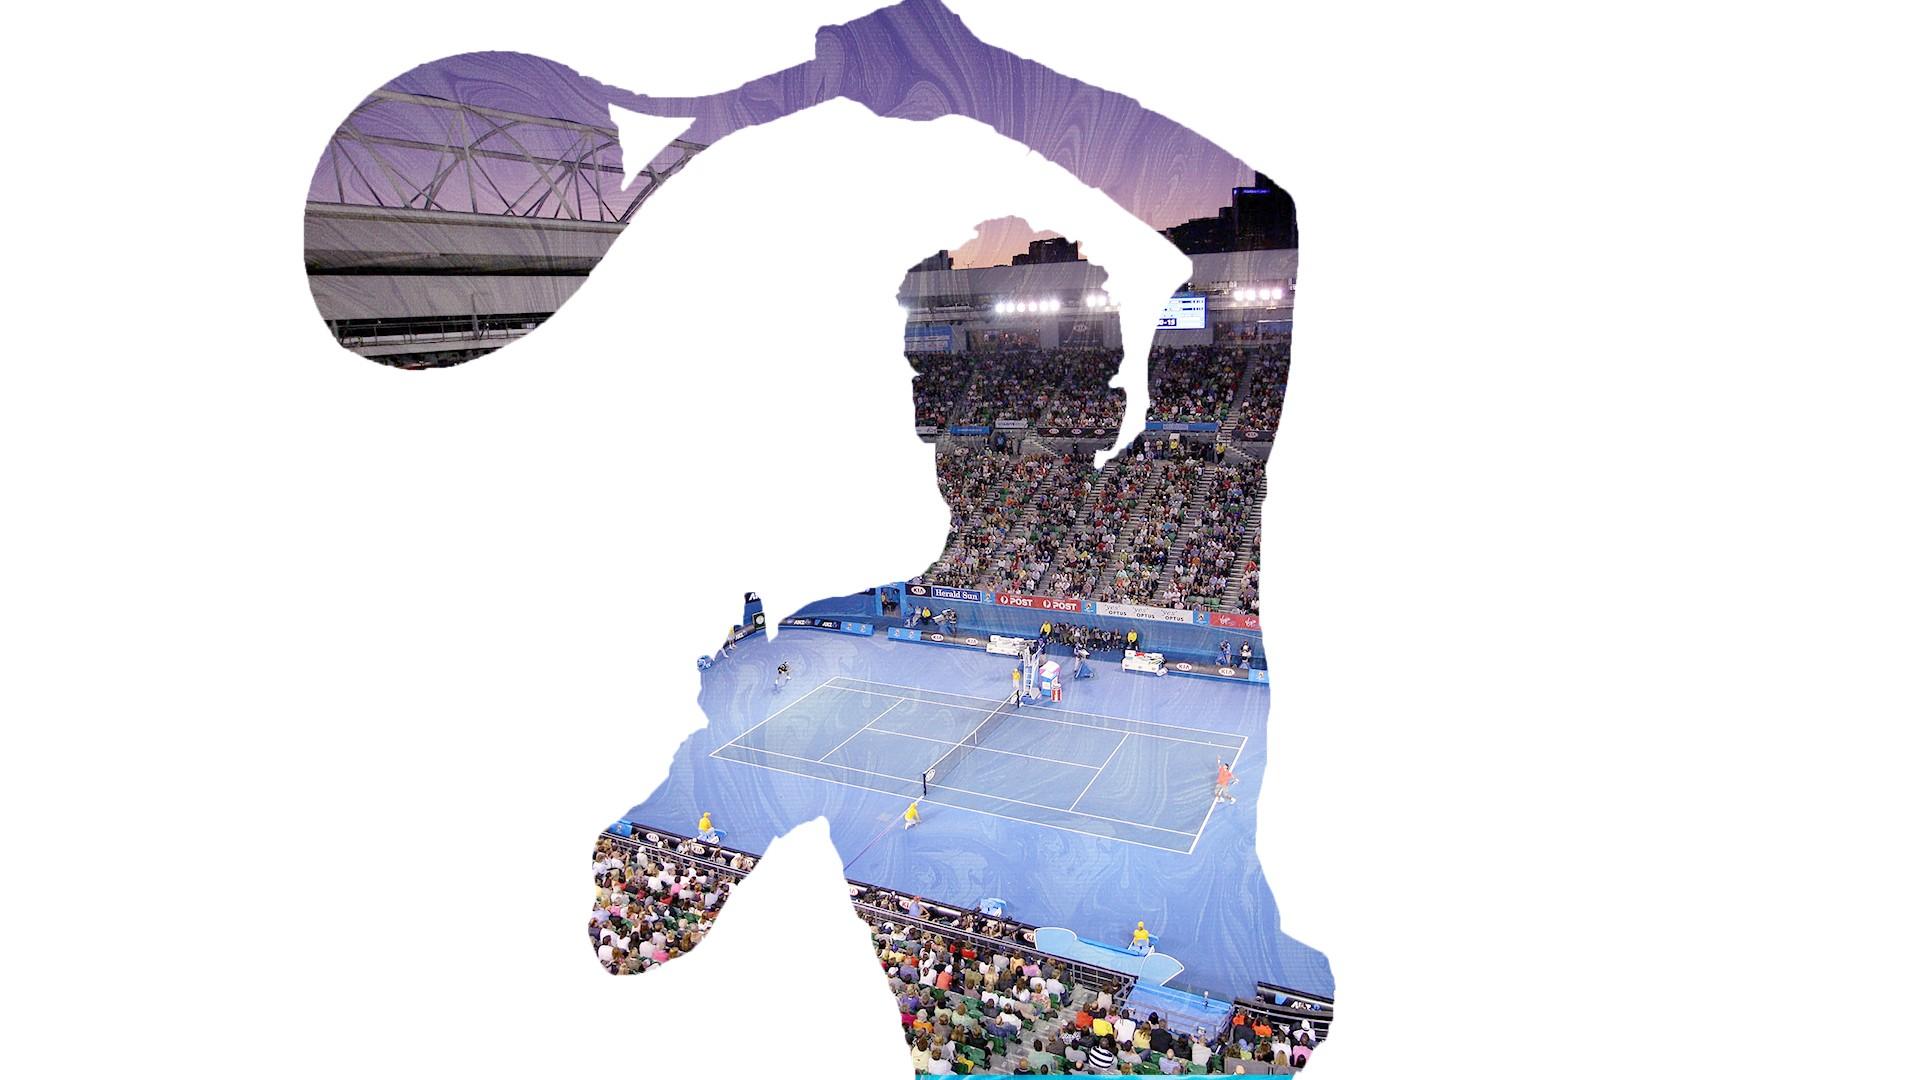 デスクトップ壁紙 バイオレット テニスコート オーストラリアンオープン ラファエルナダル 製品 19x1080 Hanako 671 デスクトップ壁紙 Wallhere